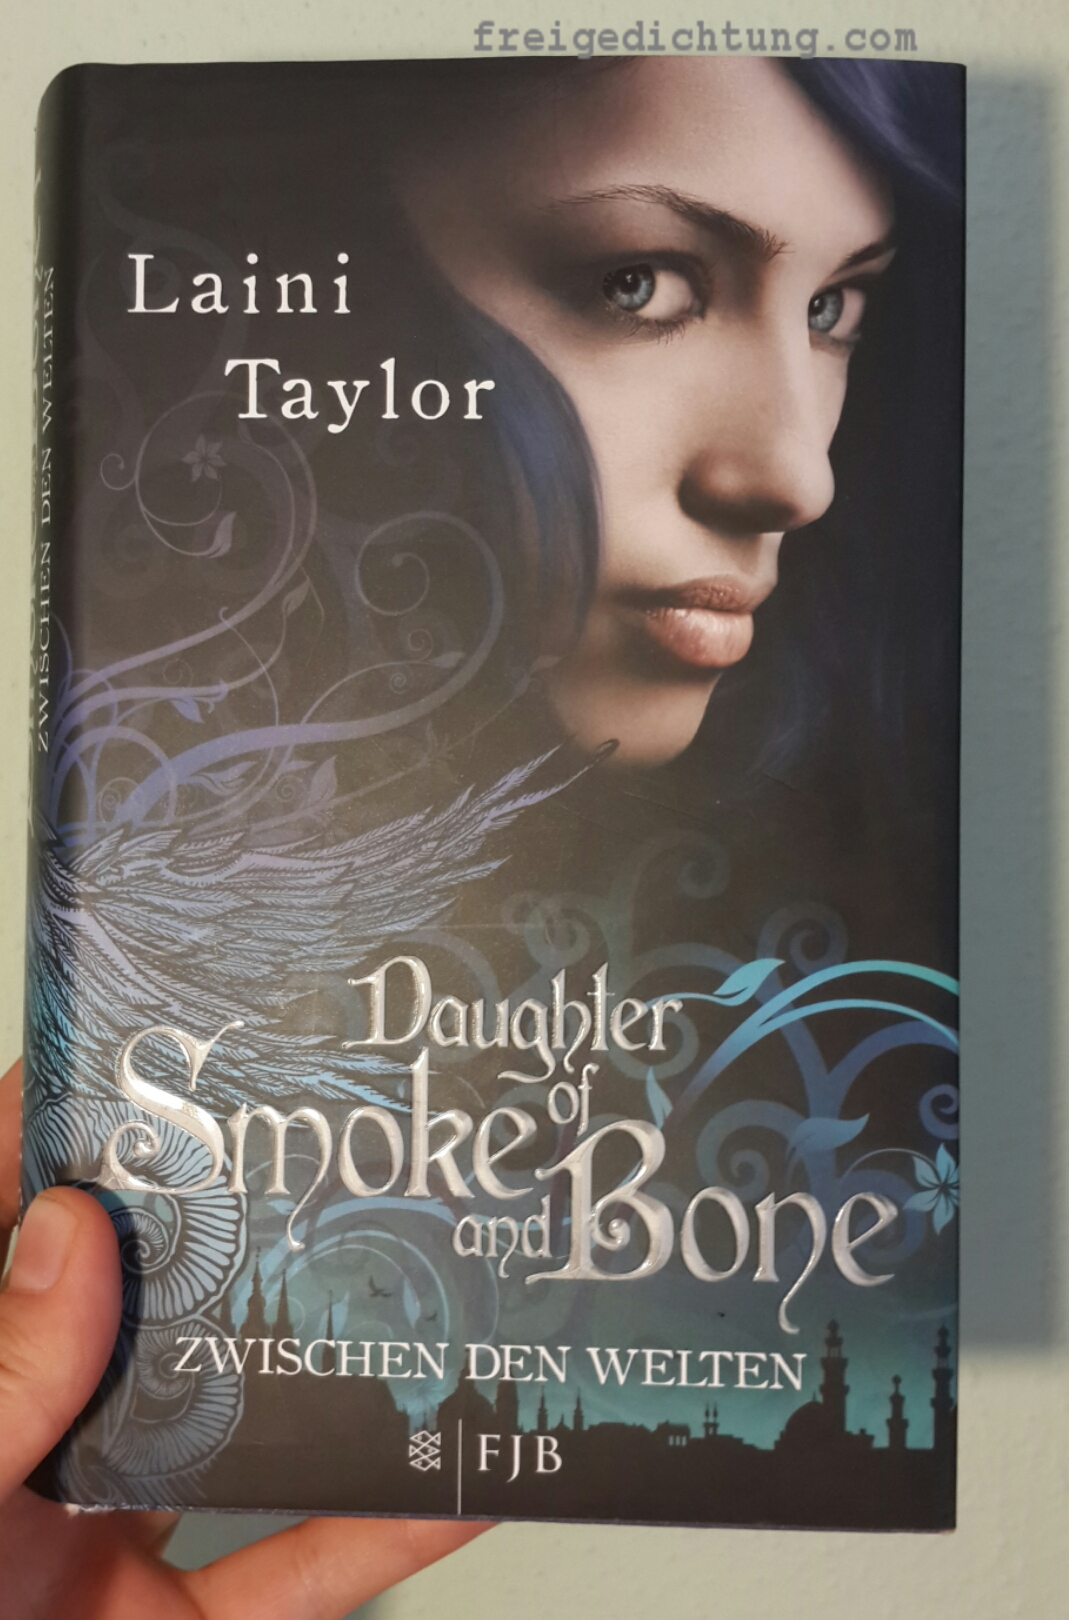 38-daughter-of-smoke-and-bones